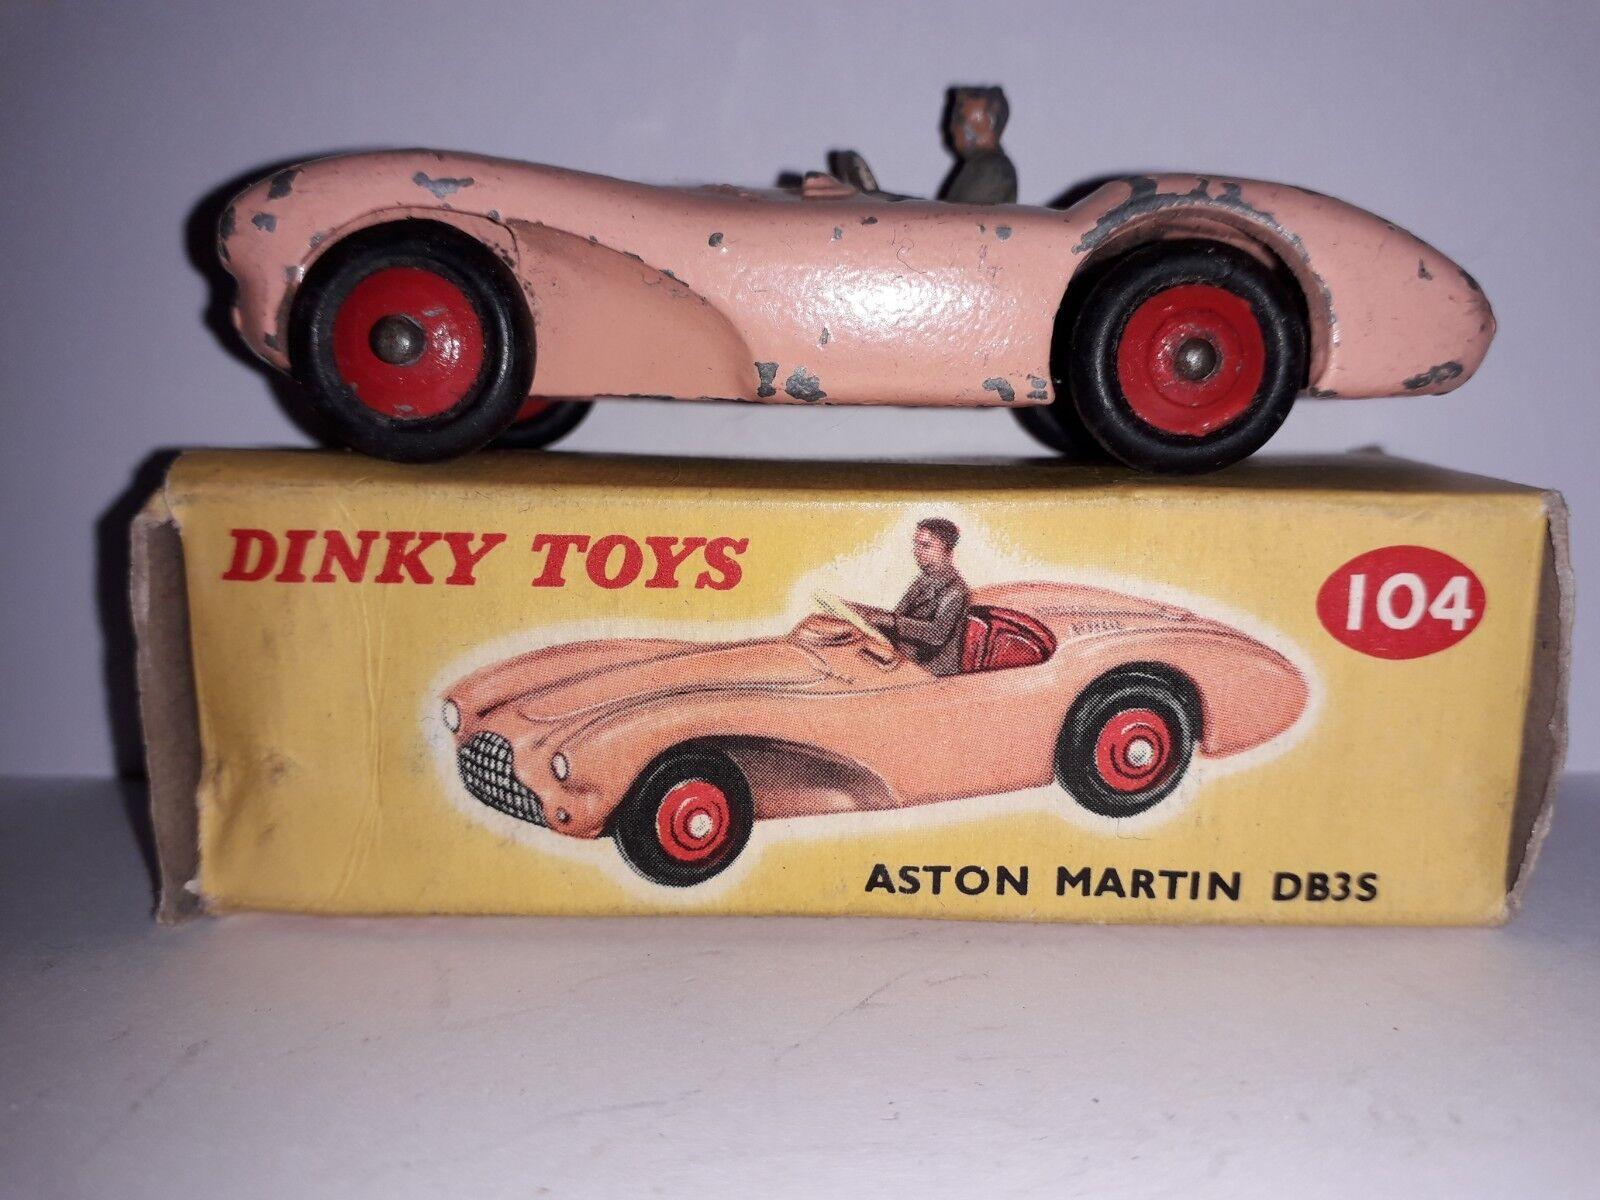 Boxed dinky spielzeug 104 aston martin db3s Rosa mit roten sitzen und räder grauen fahrer